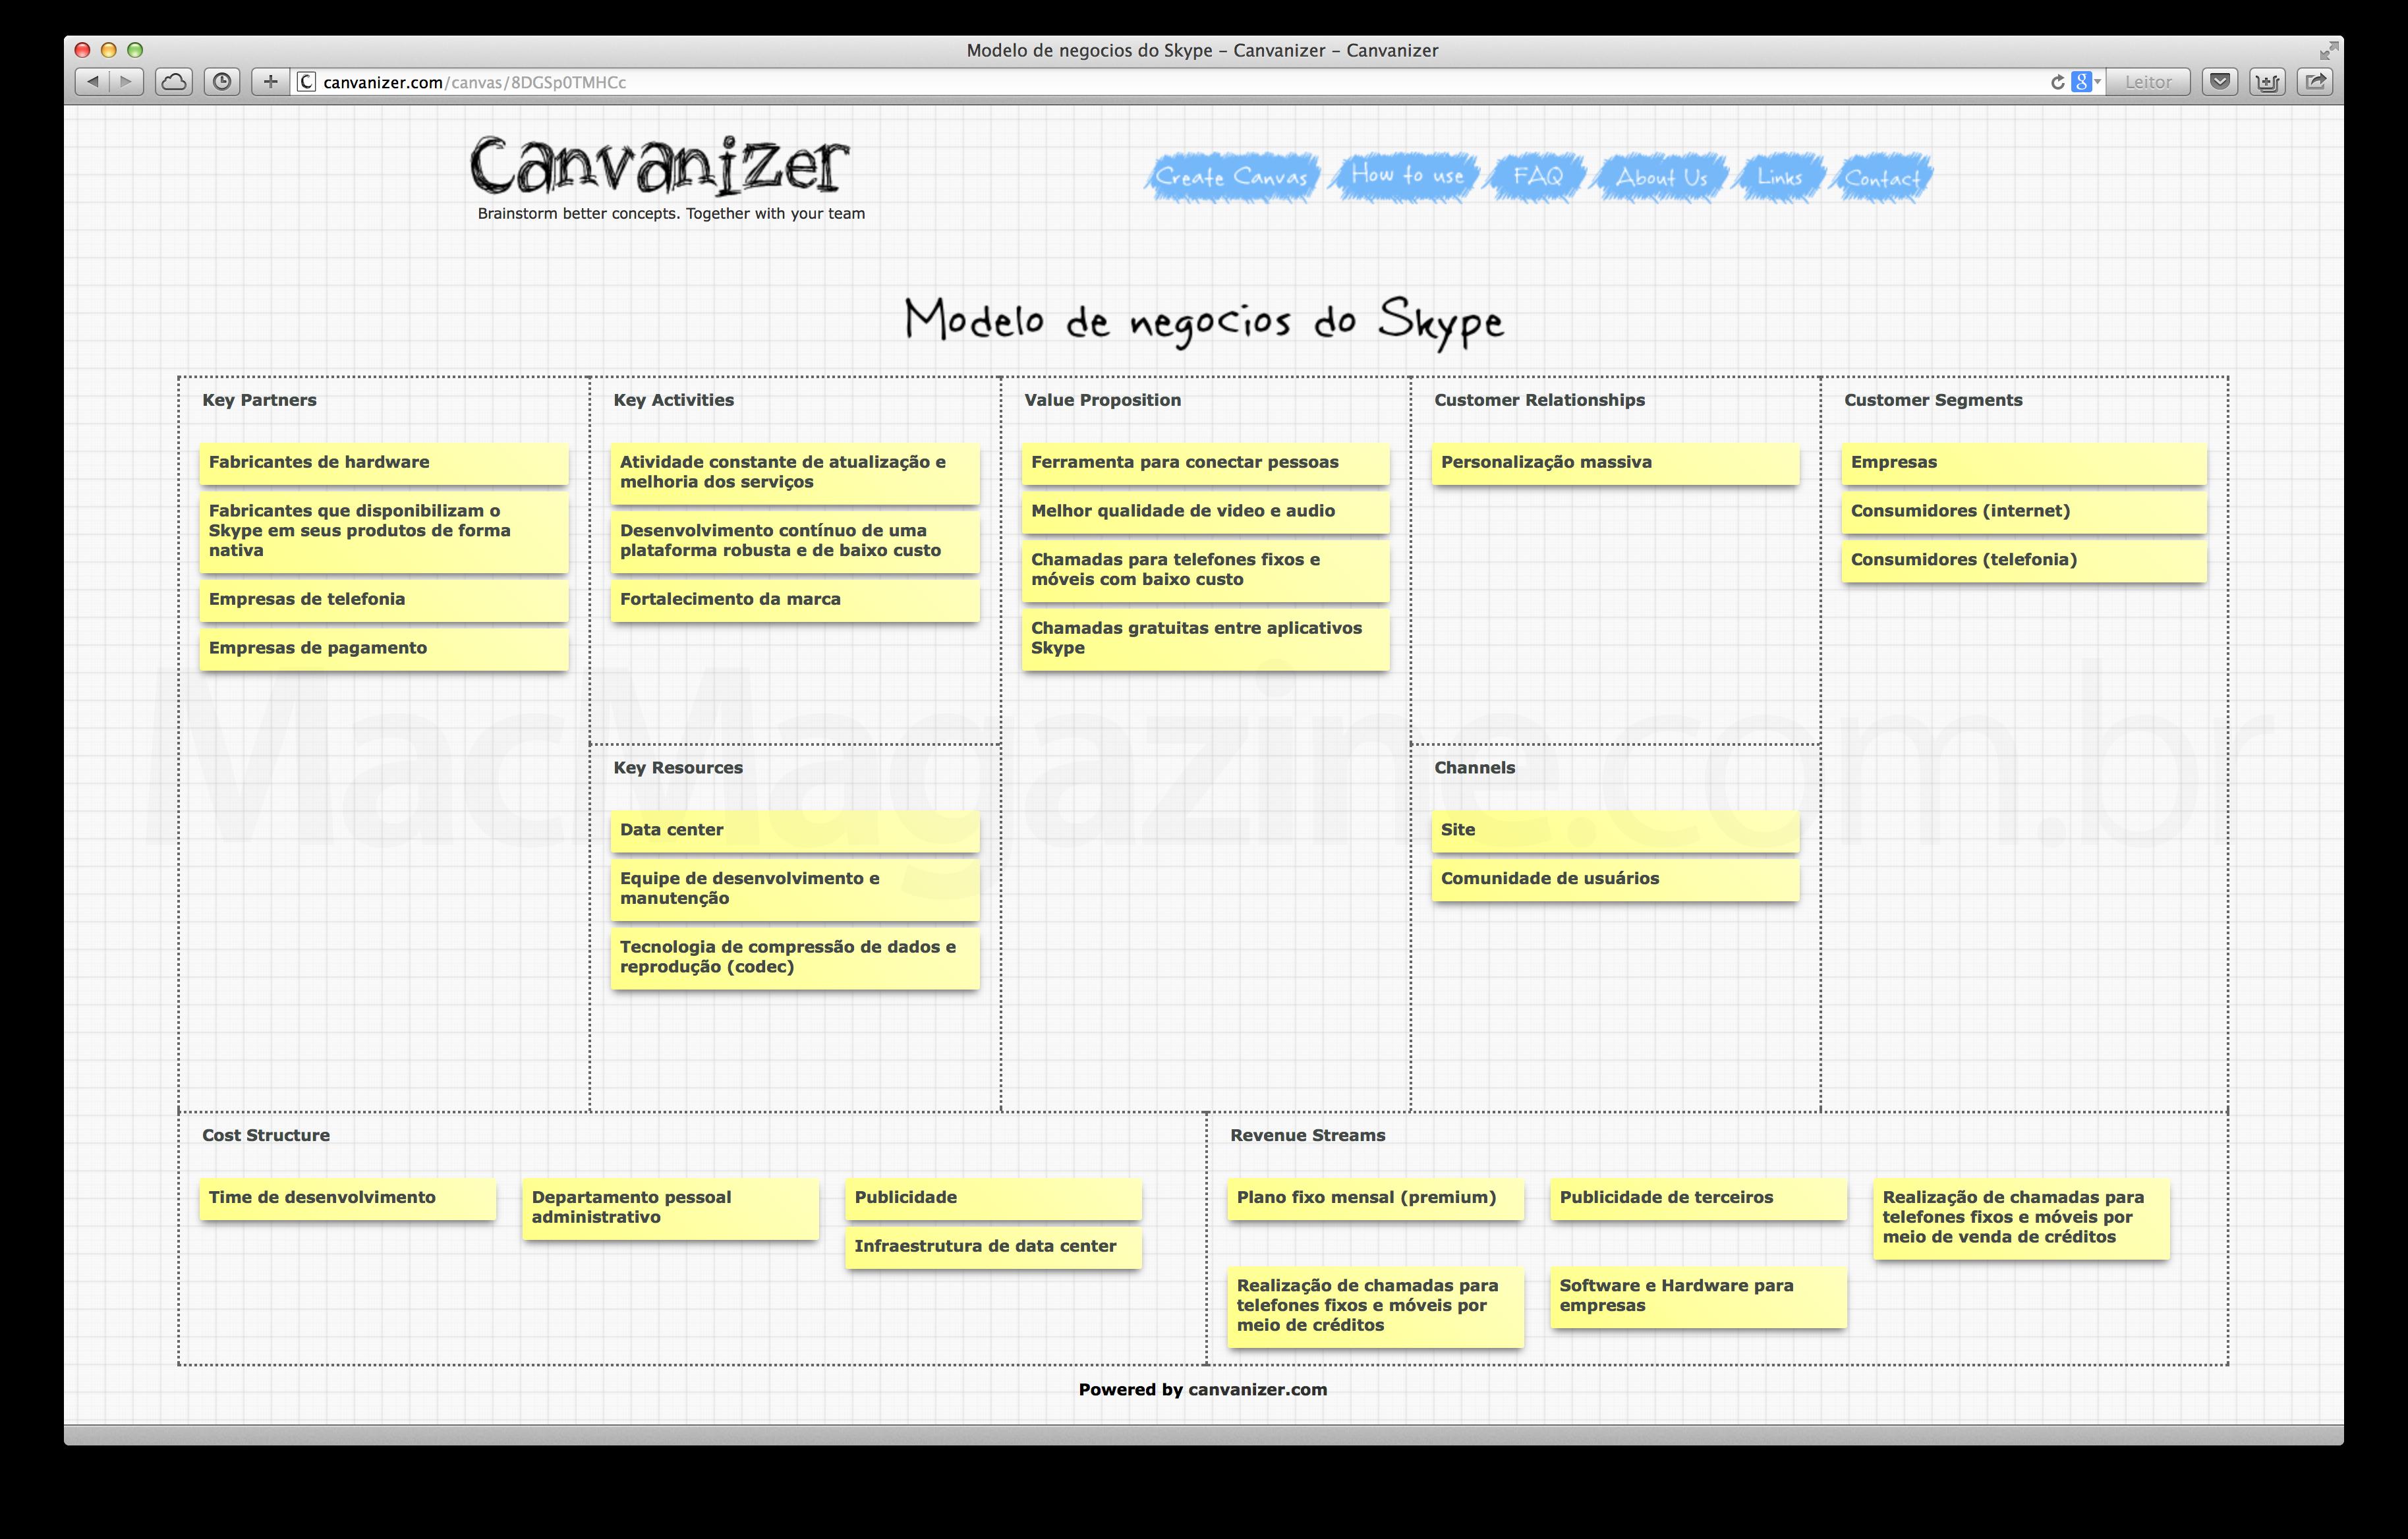 Canvas - Modelo de Negócios do Skype